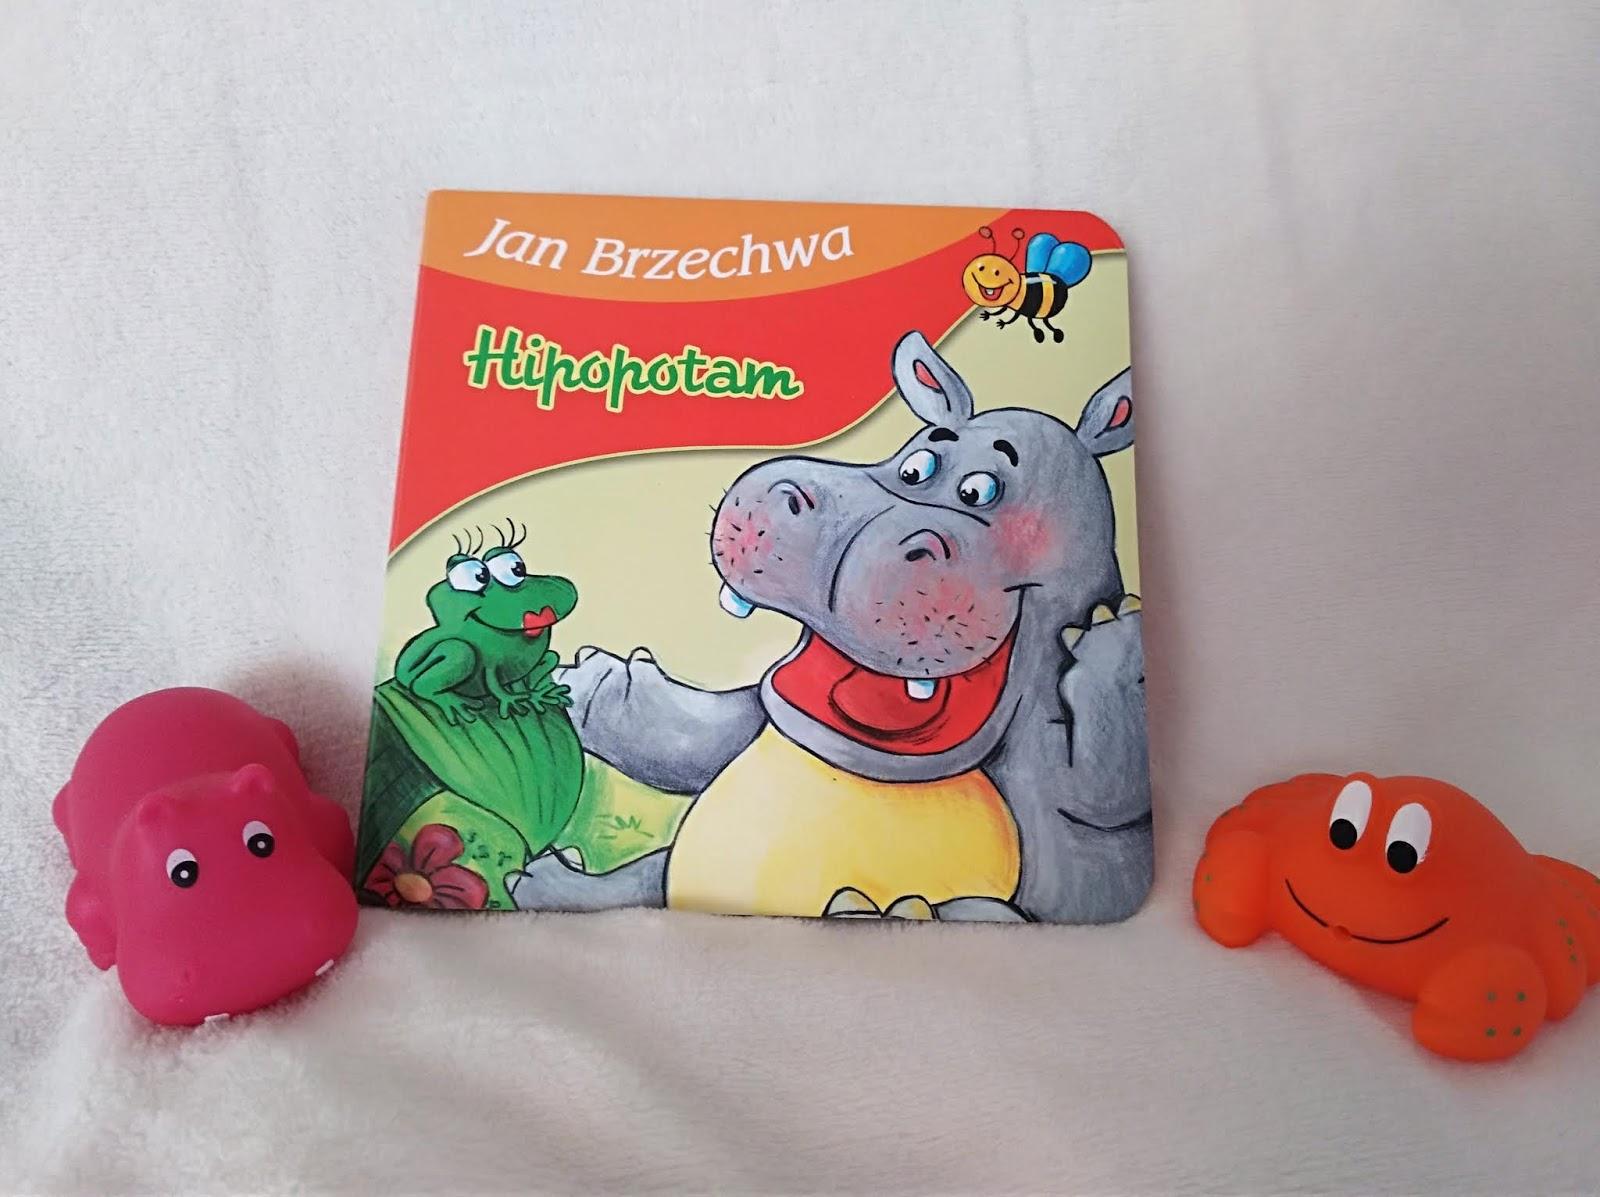 Asia Czytasia Blog O Książkach I Zabawie Z Dzieckiem